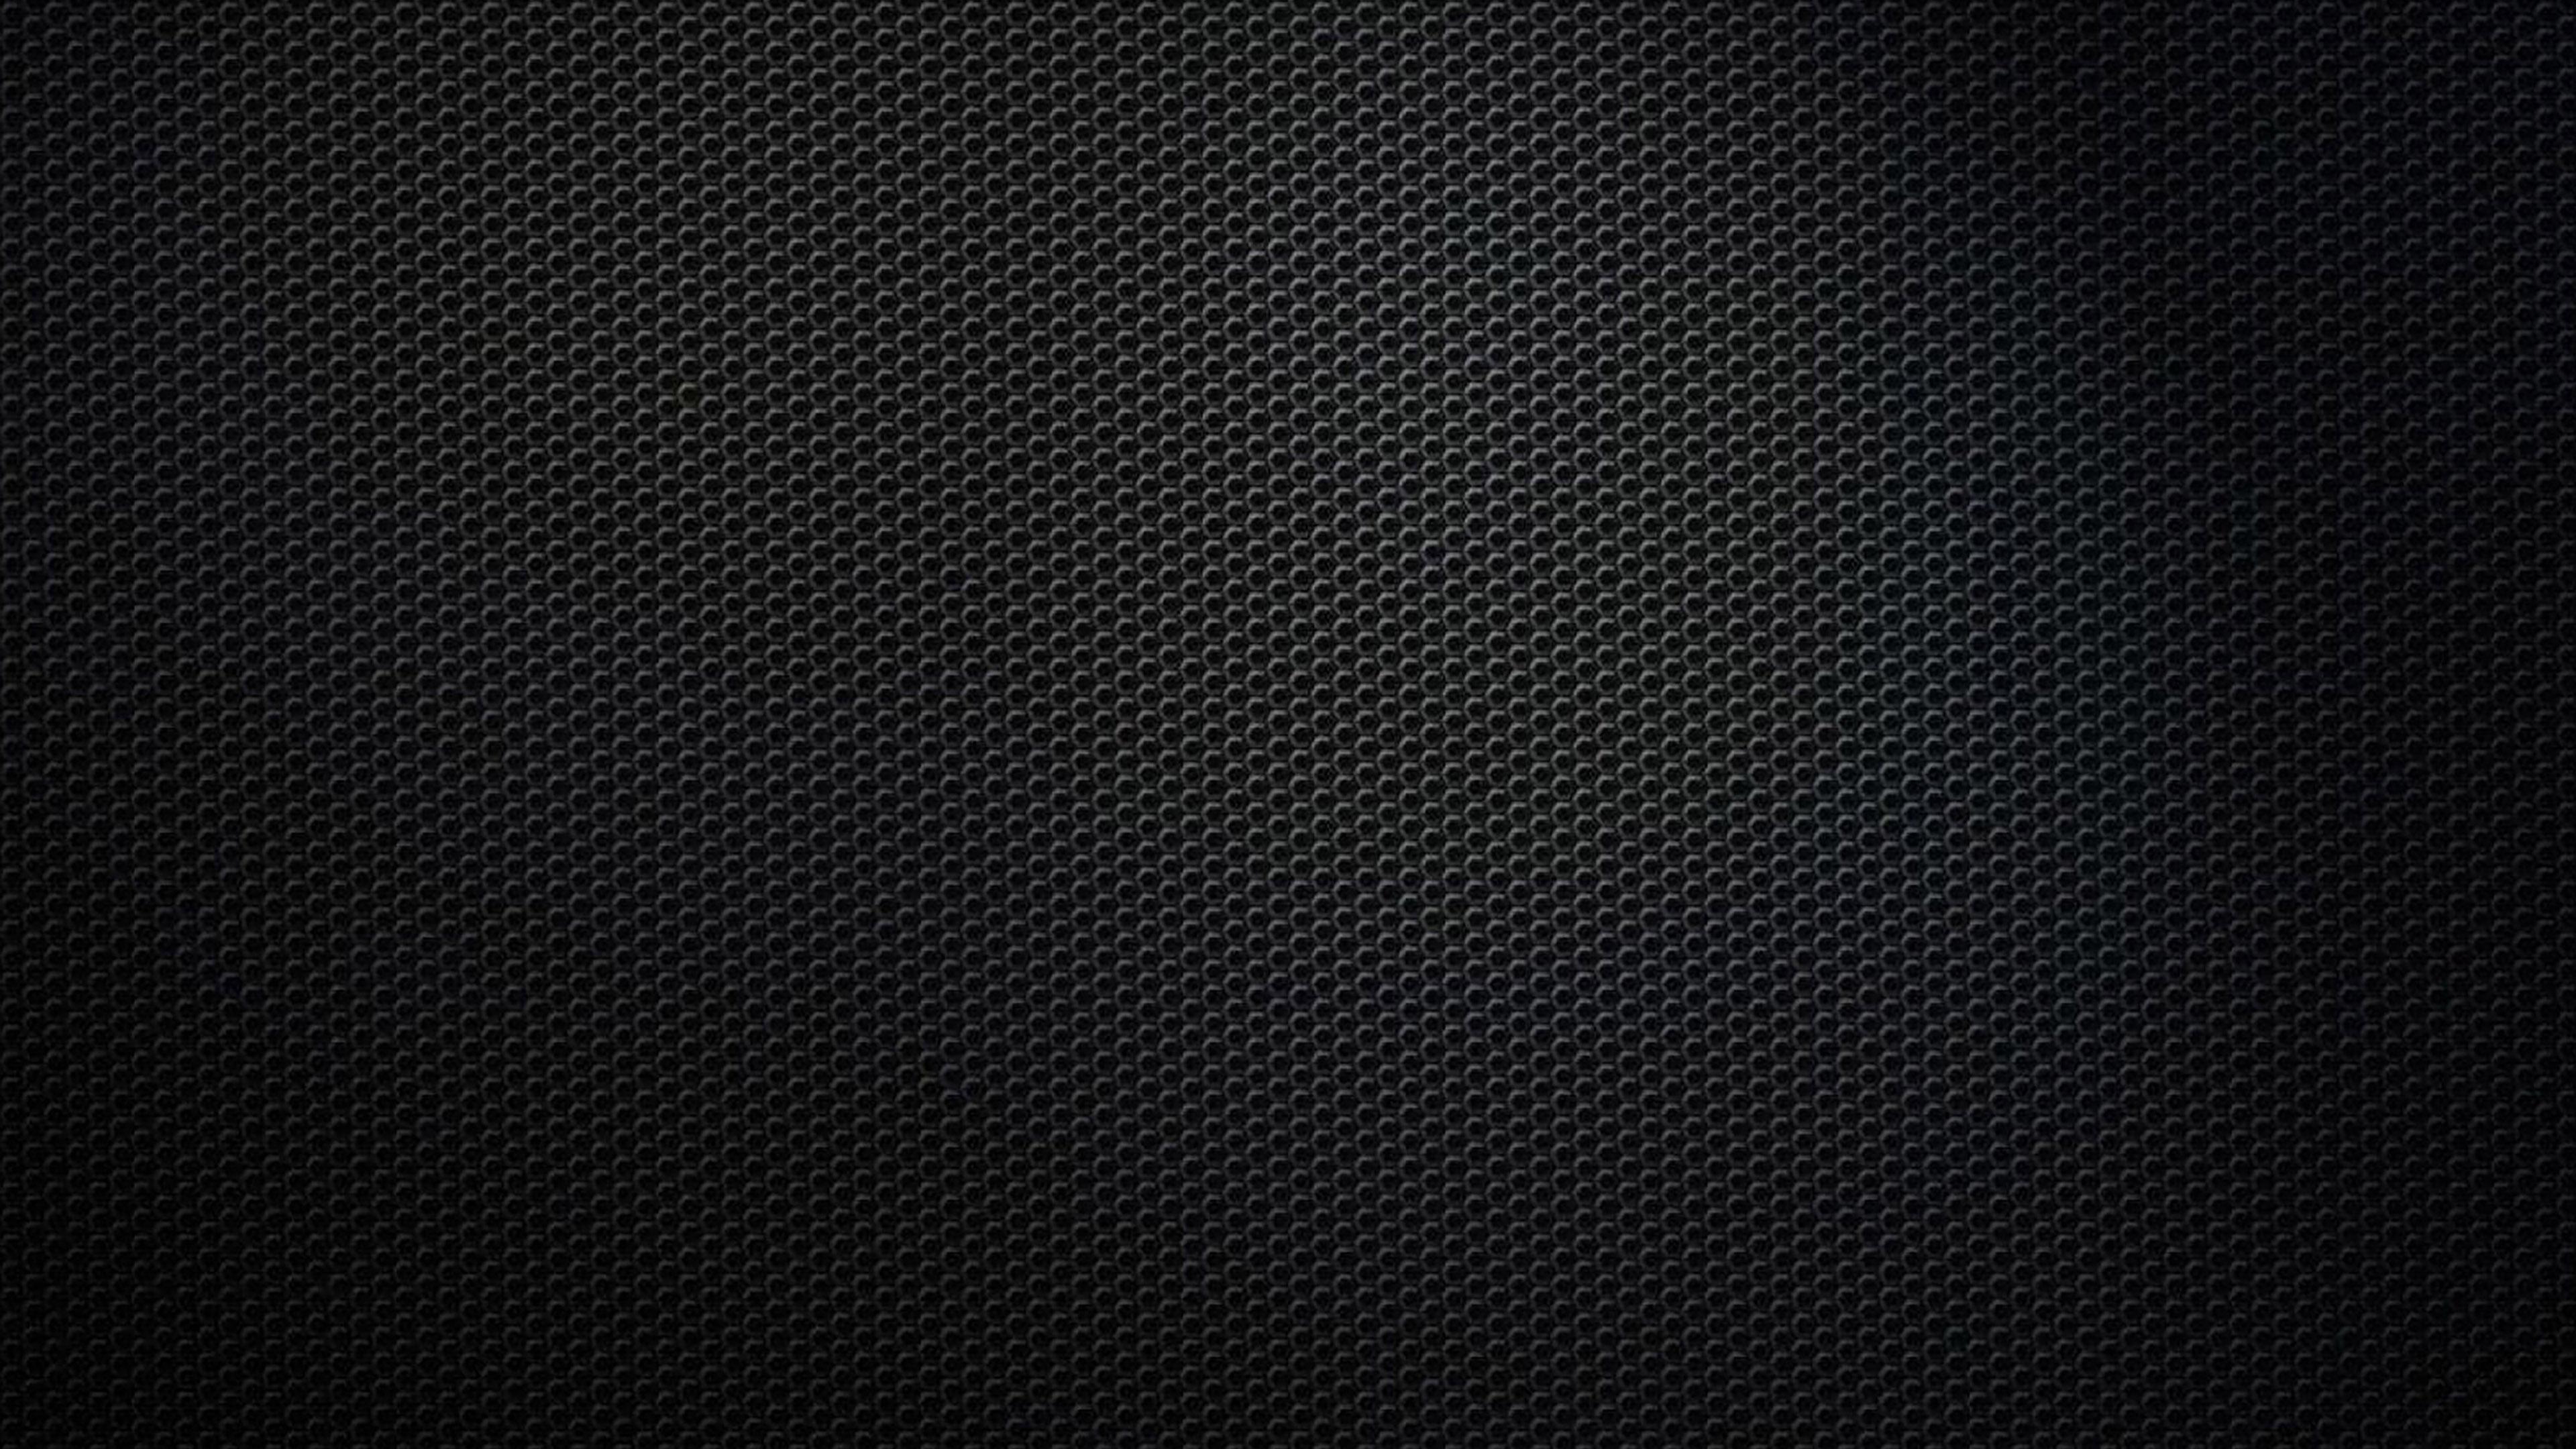 Carbon Fibre Iphone X Wallpaper Va43 Carbon Pattern Black Pattern Papers Co